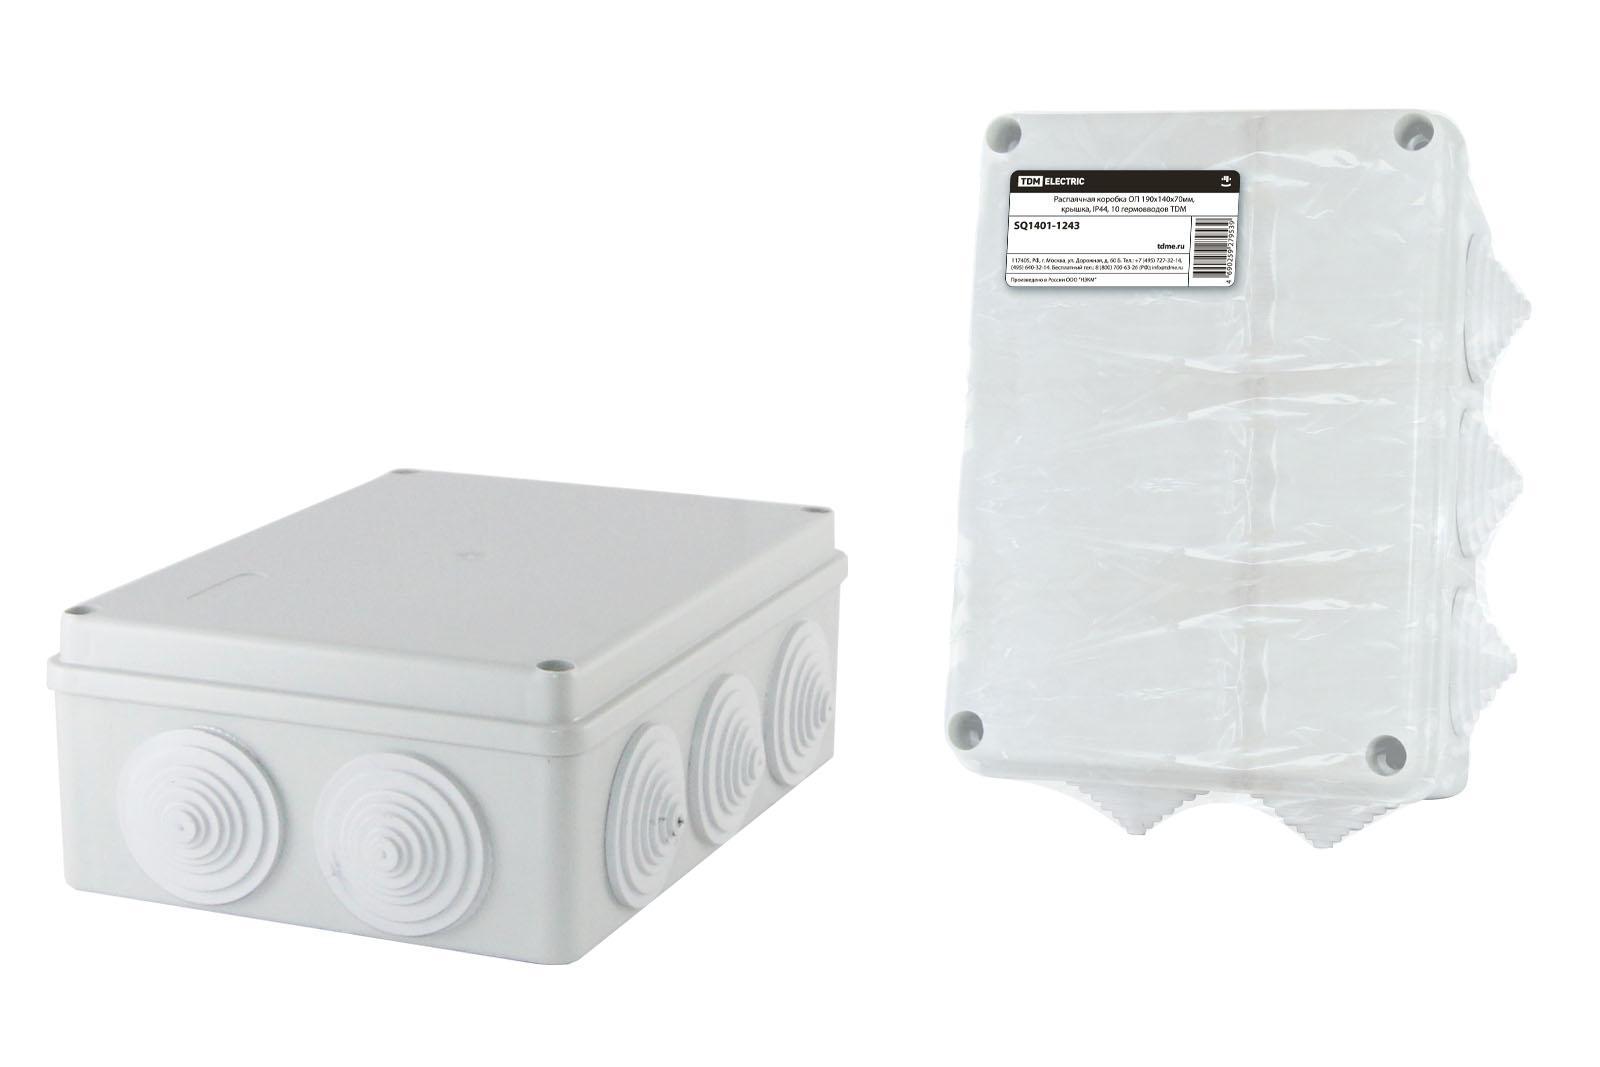 Фото Распаячная коробка ОП 190х140х70мм, крышка, IP44, 10 гермовводов, инд. штрихкод, TDM {SQ1401-1243}